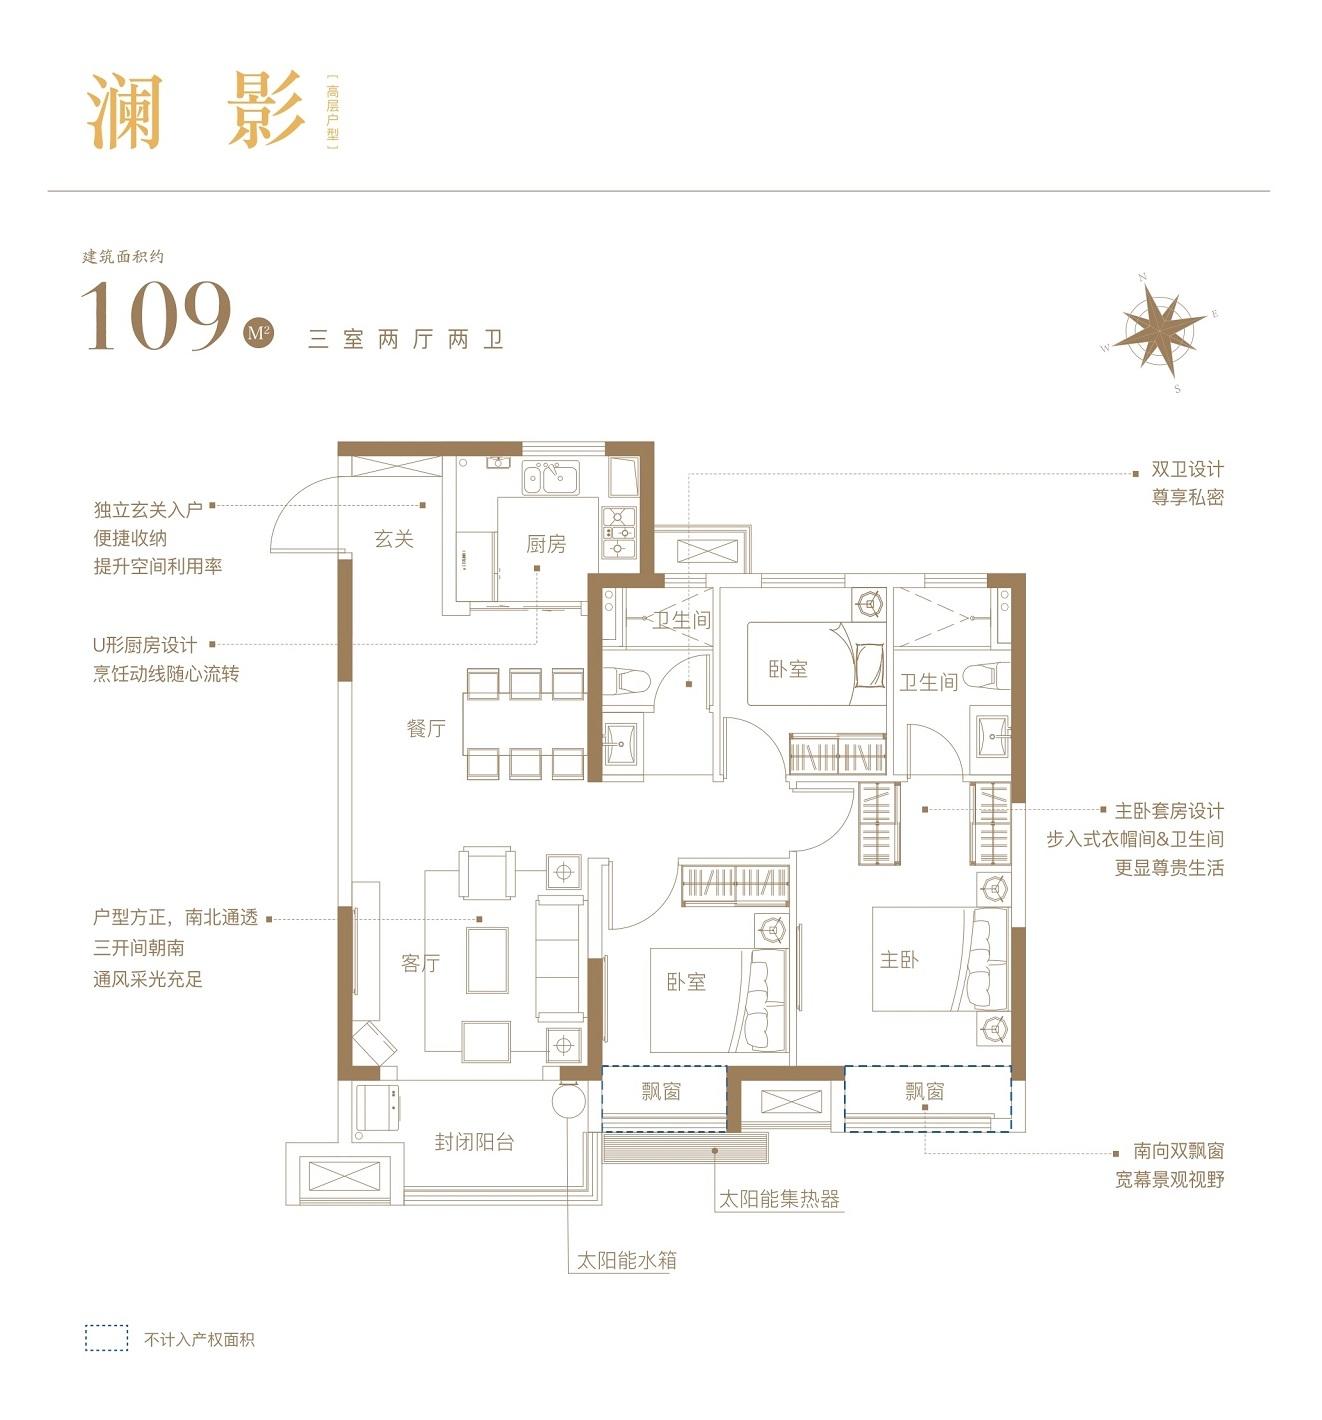 保利时光印象澜影109平三室两厅两卫户型图